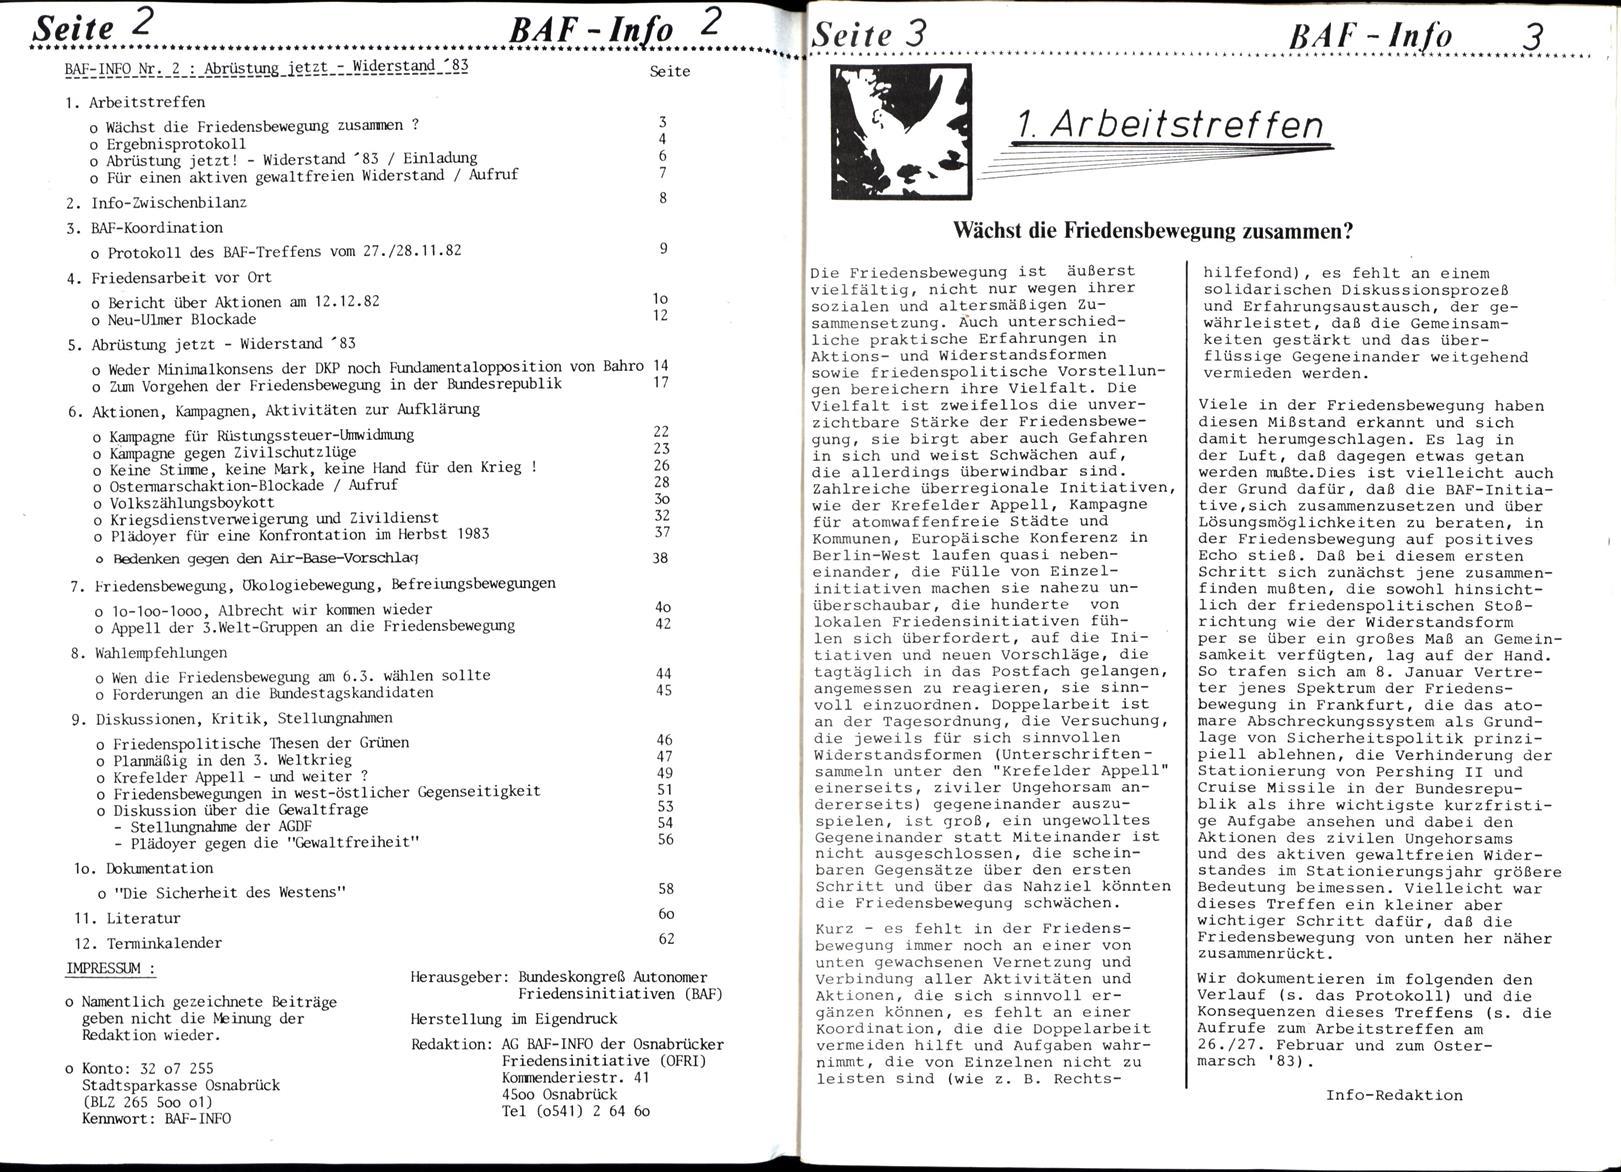 BAF_Info_02_19830100_02